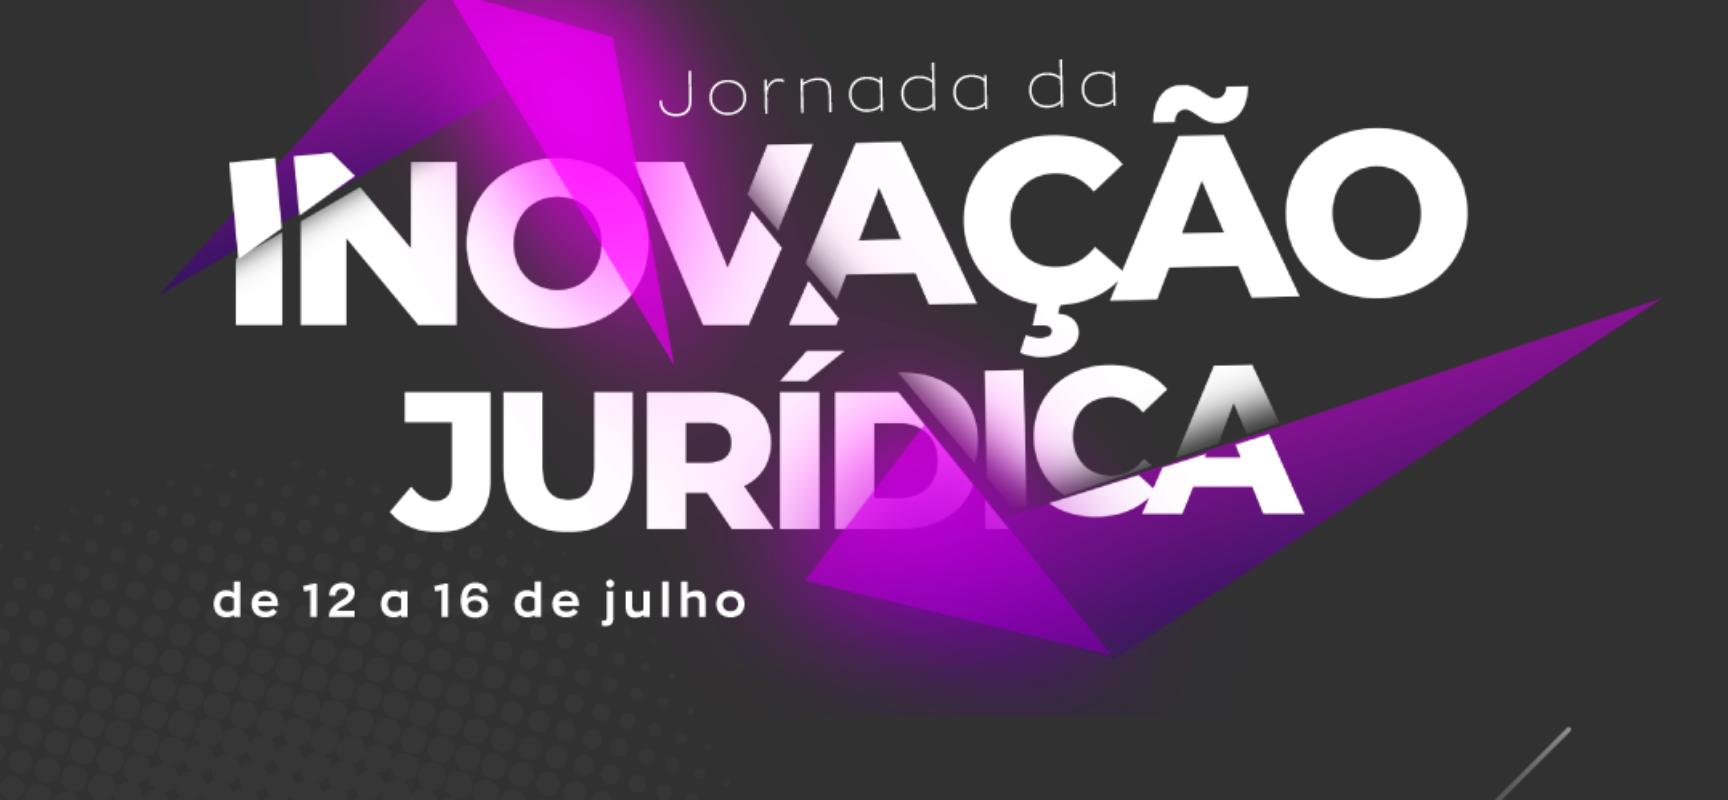 Advocacia terá 1ª Jornada da Inovação Jurídica em Julho